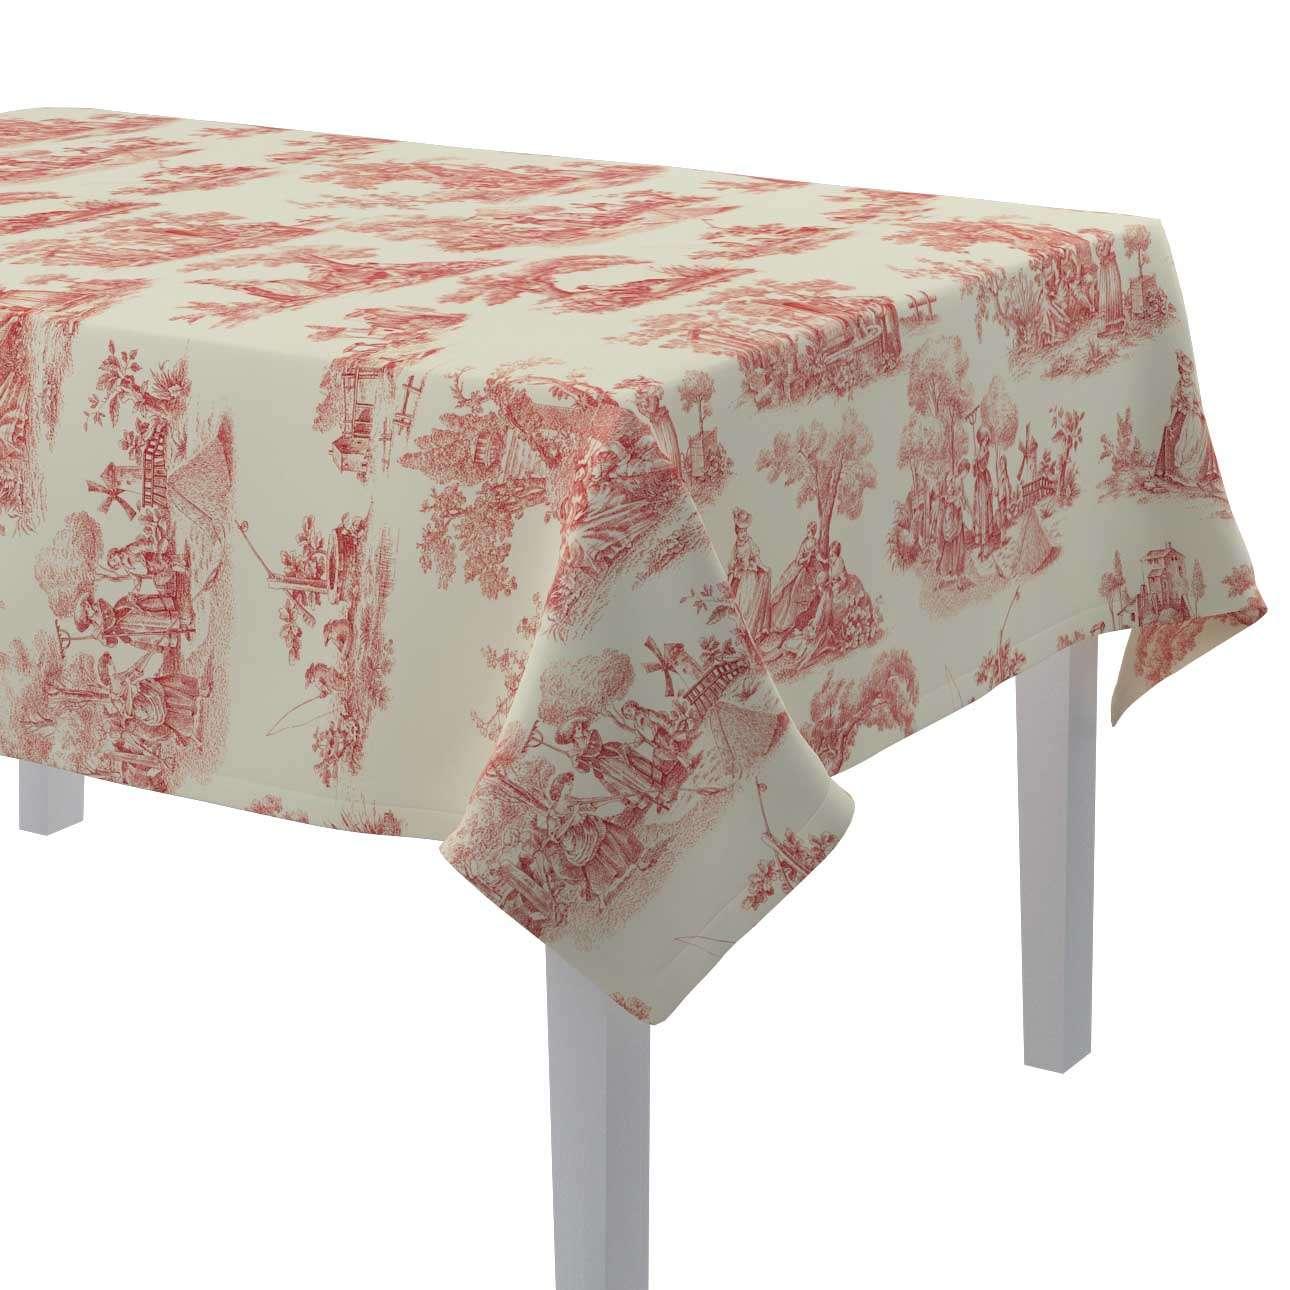 Rechteckige Tischdecke von der Kollektion Avinon, Stoff: 132-15